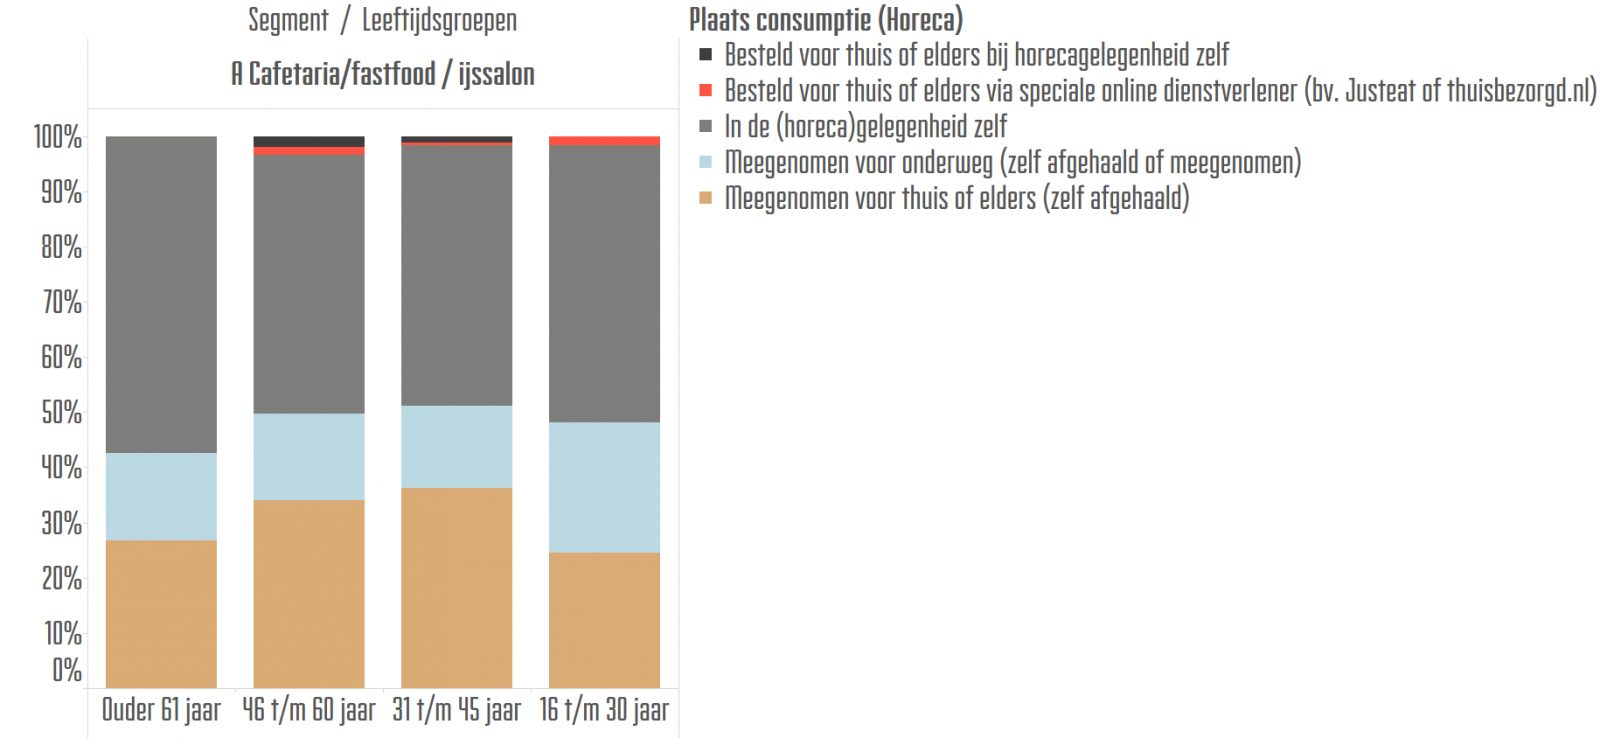 Plaats van consumptie en leeftijd